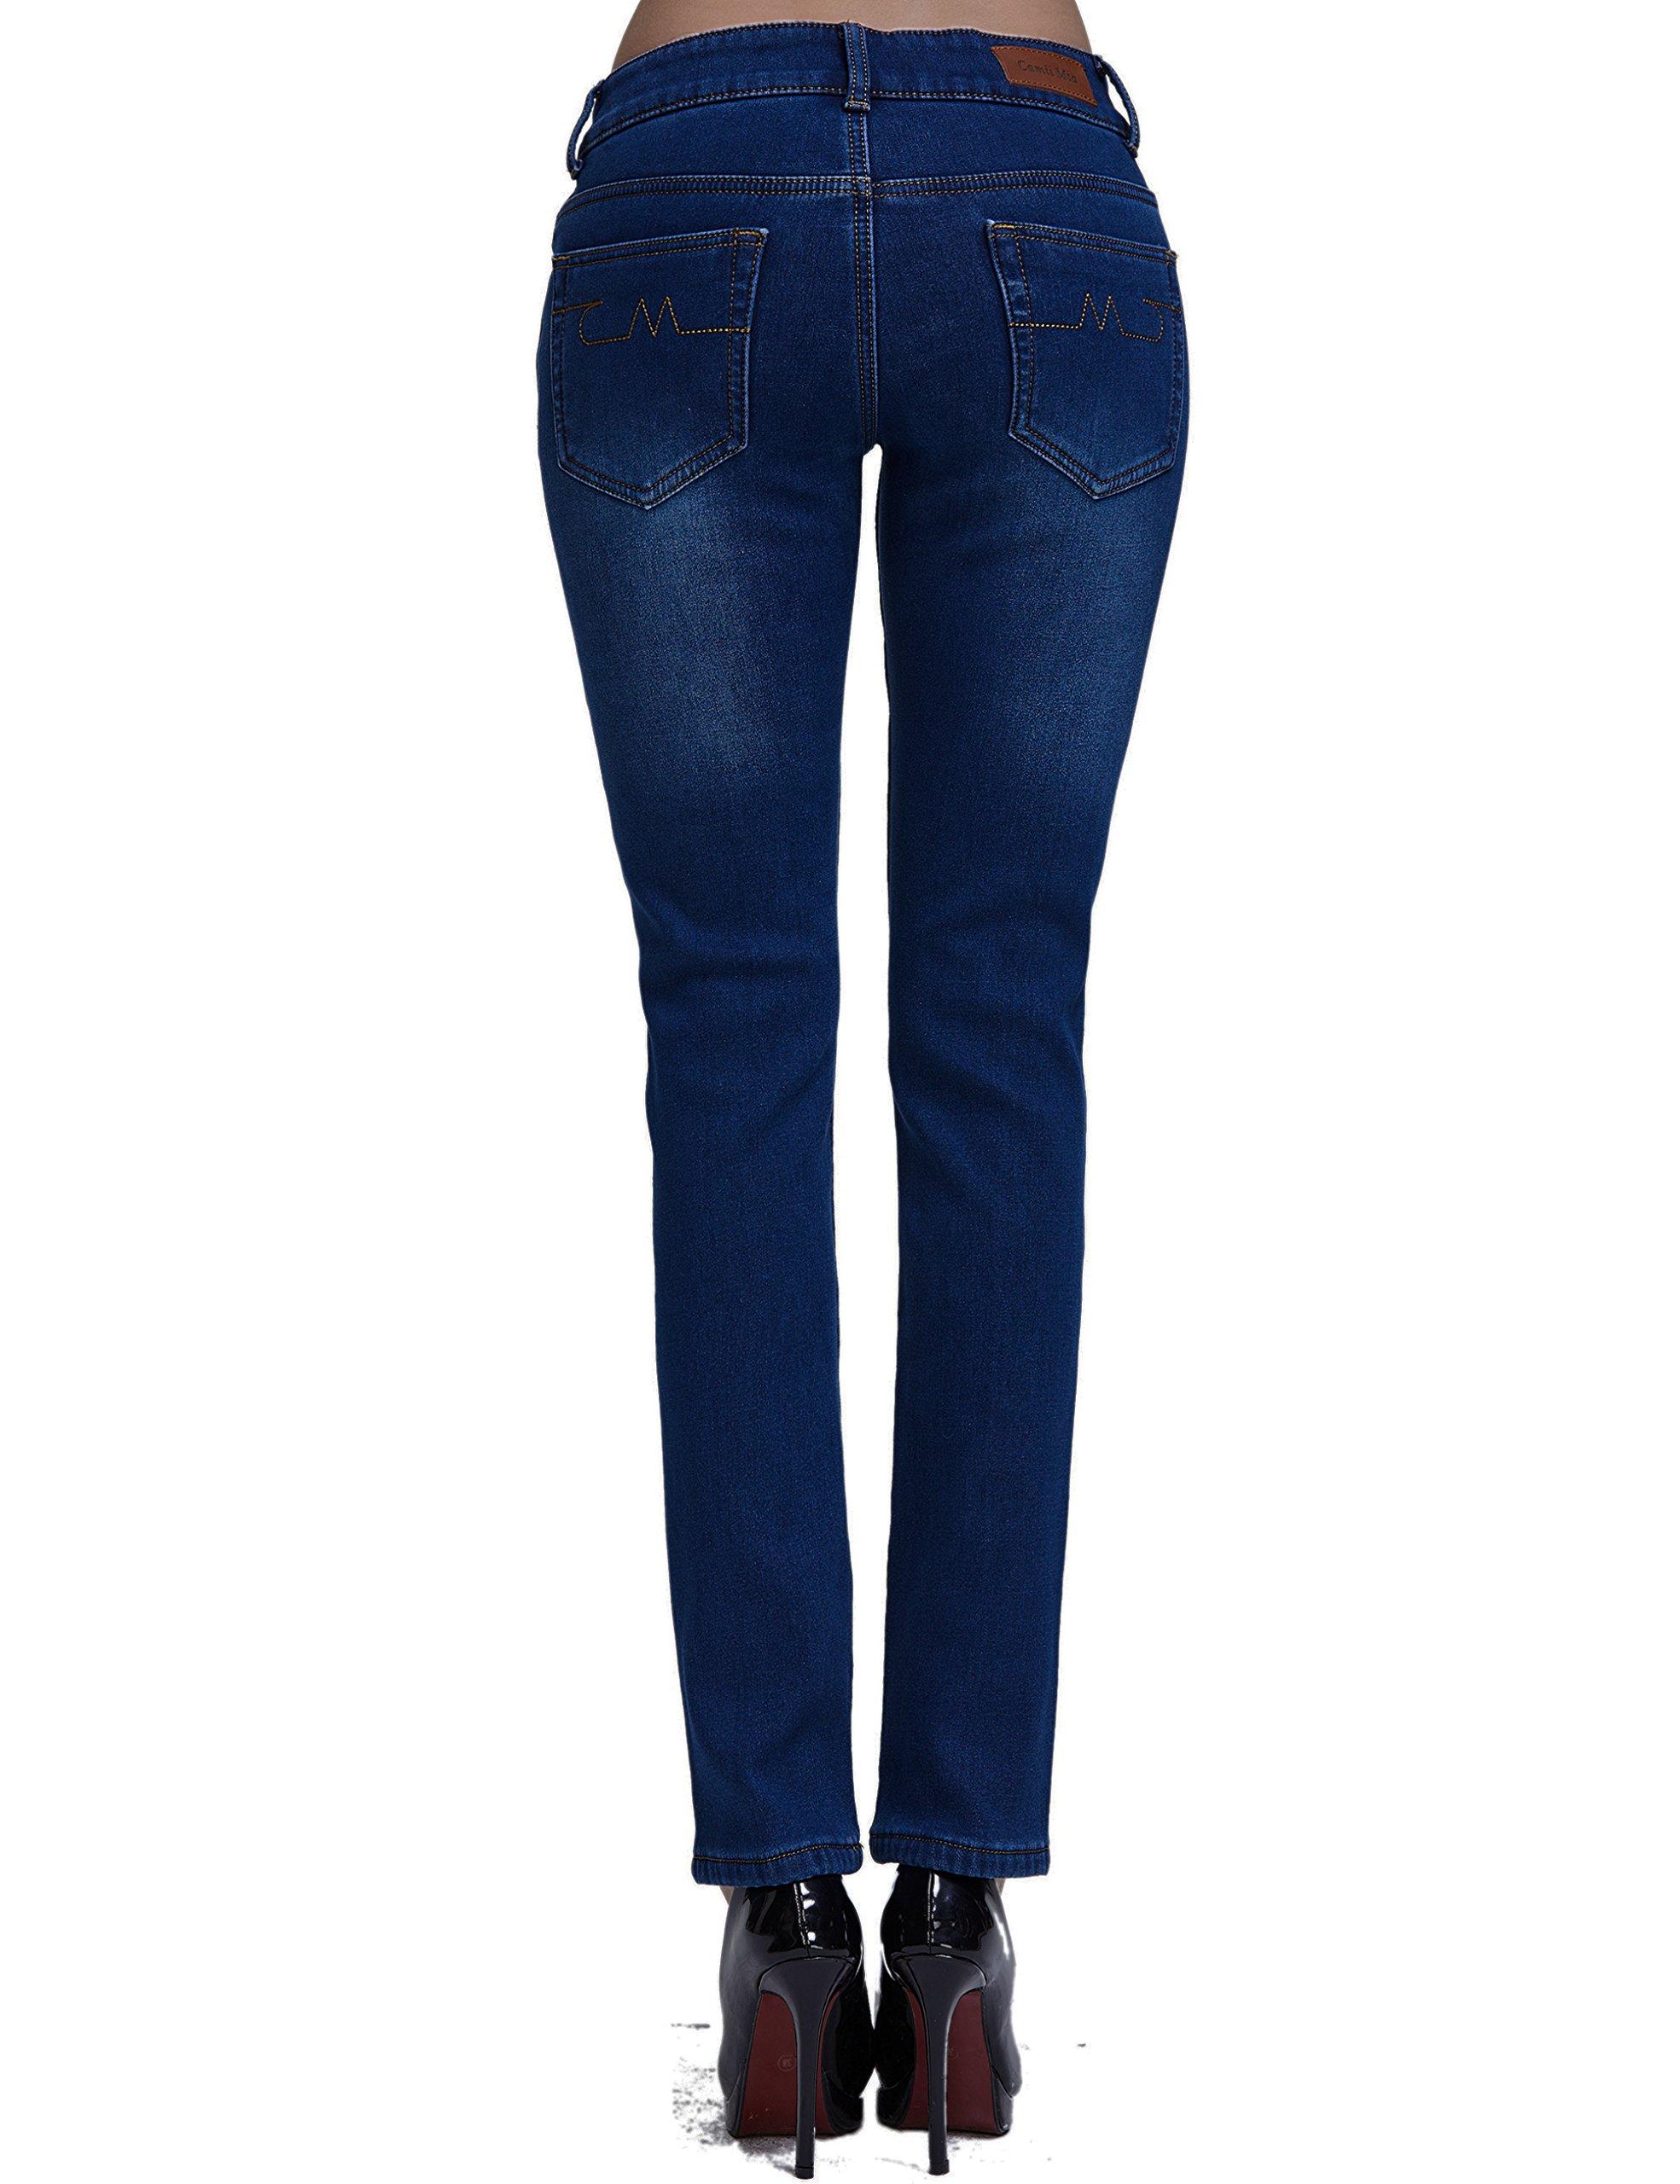 Camii Mia Women's Slim Fit Fleece Lined Jeans (W27 x L30, Blue (New Size)) by Camii Mia (Image #2)